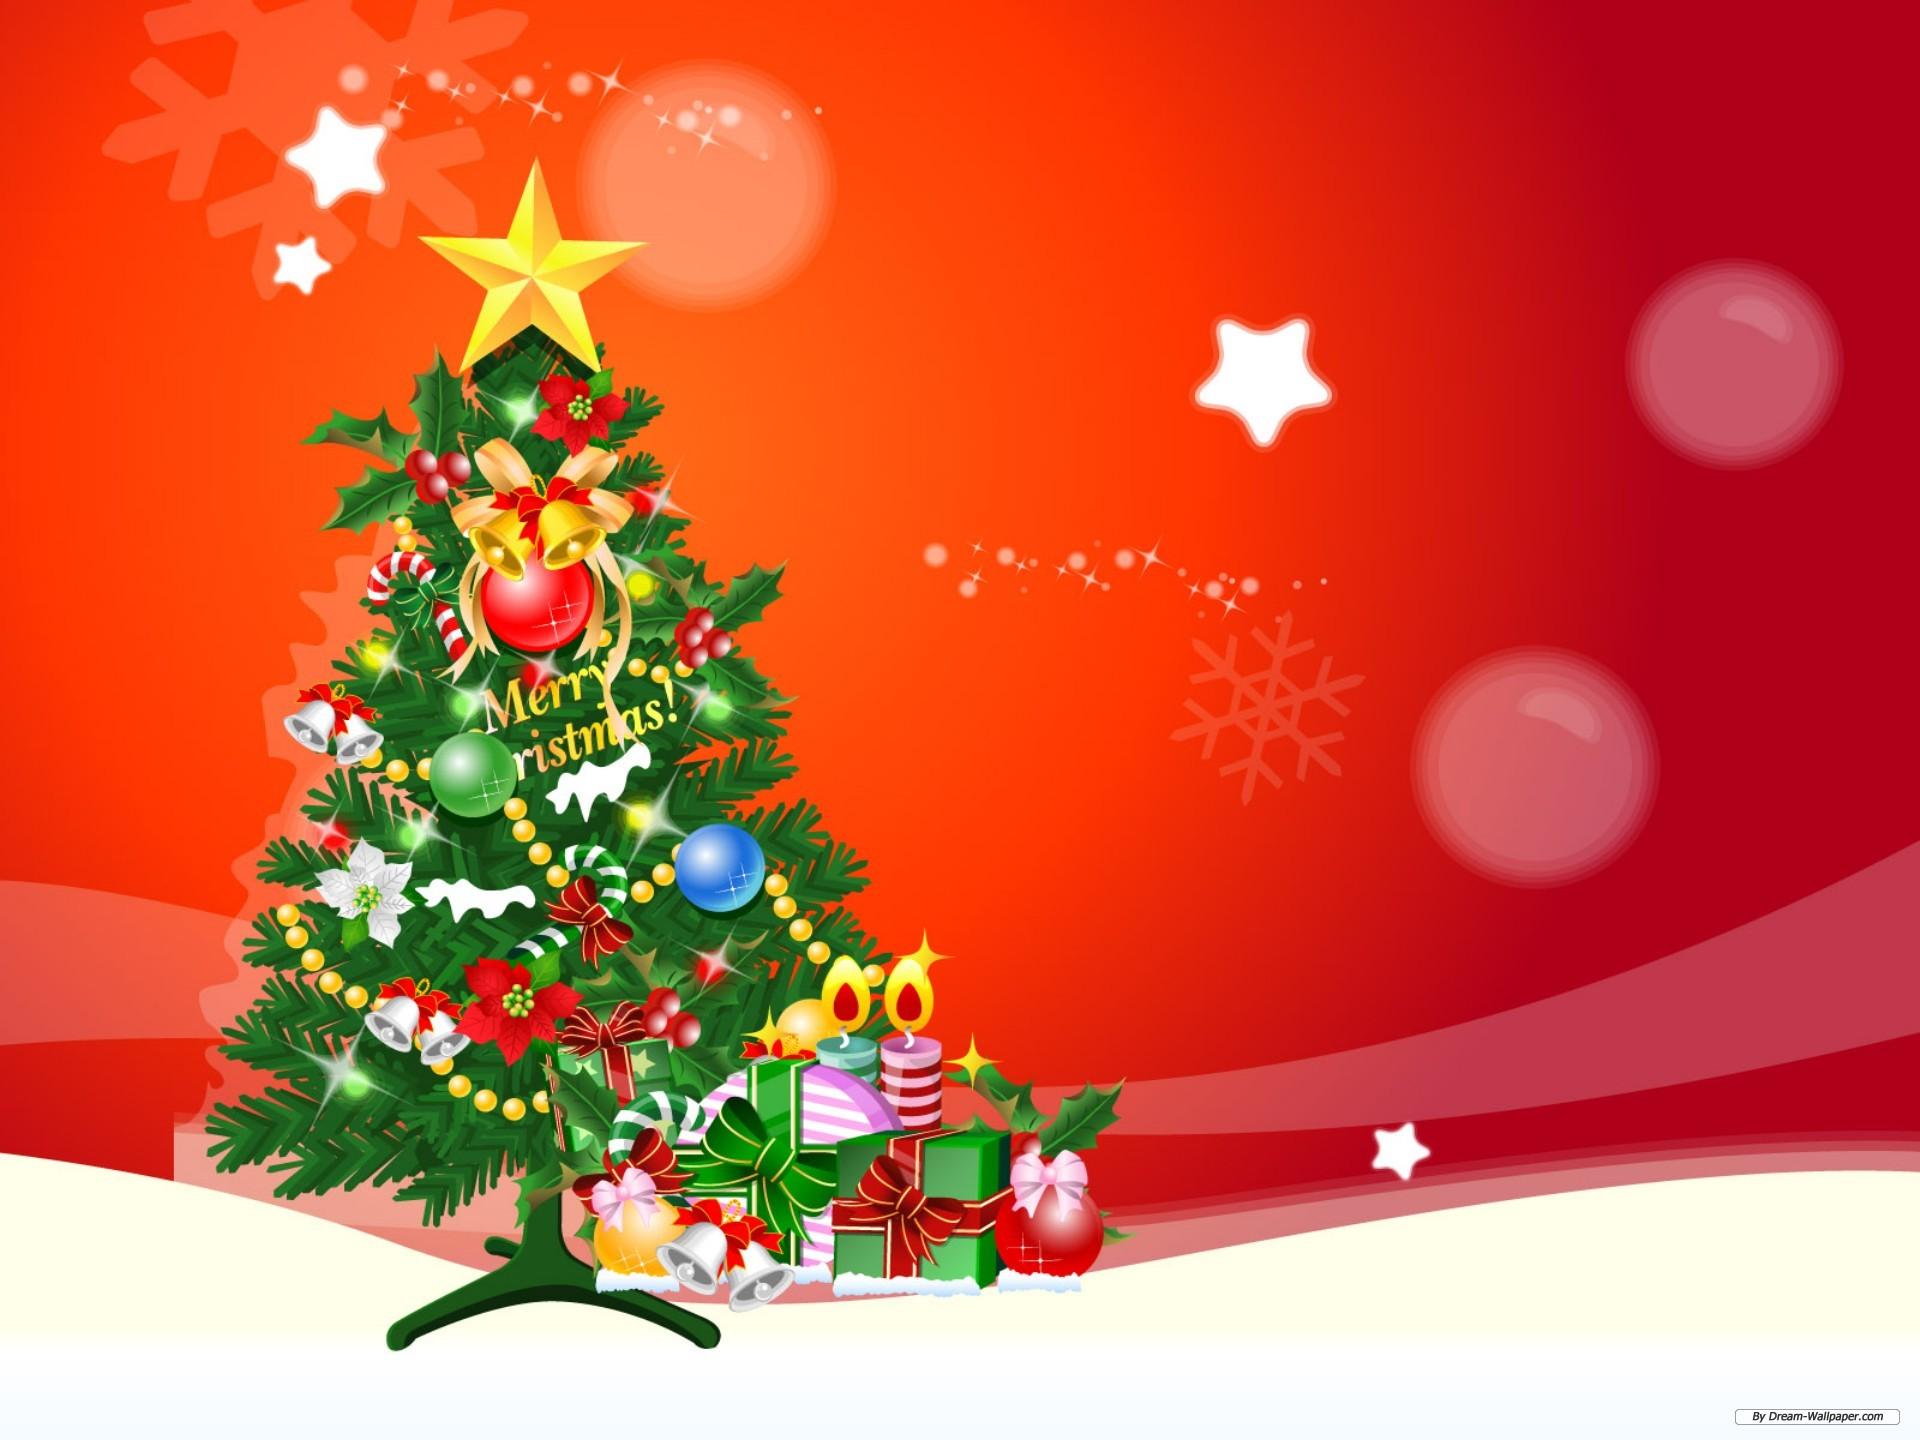 Christmas Theme Backgrounds - WallpaperSafari